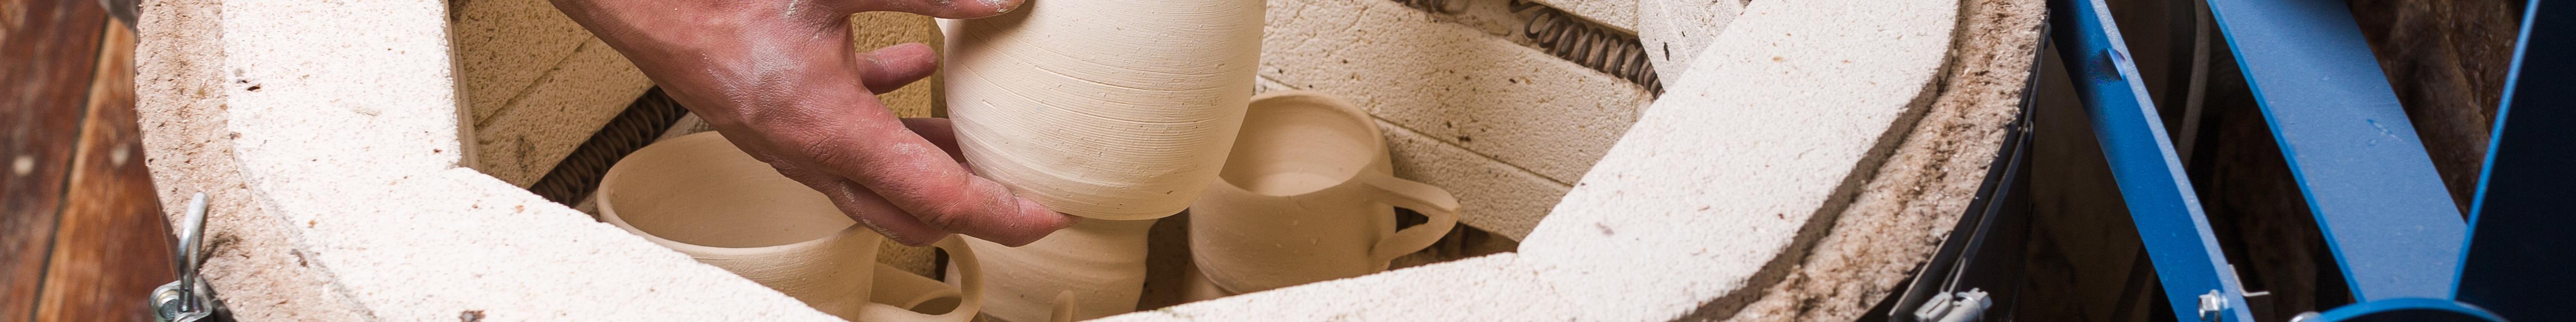 Ceramics And Sculpture Blick Art Materials